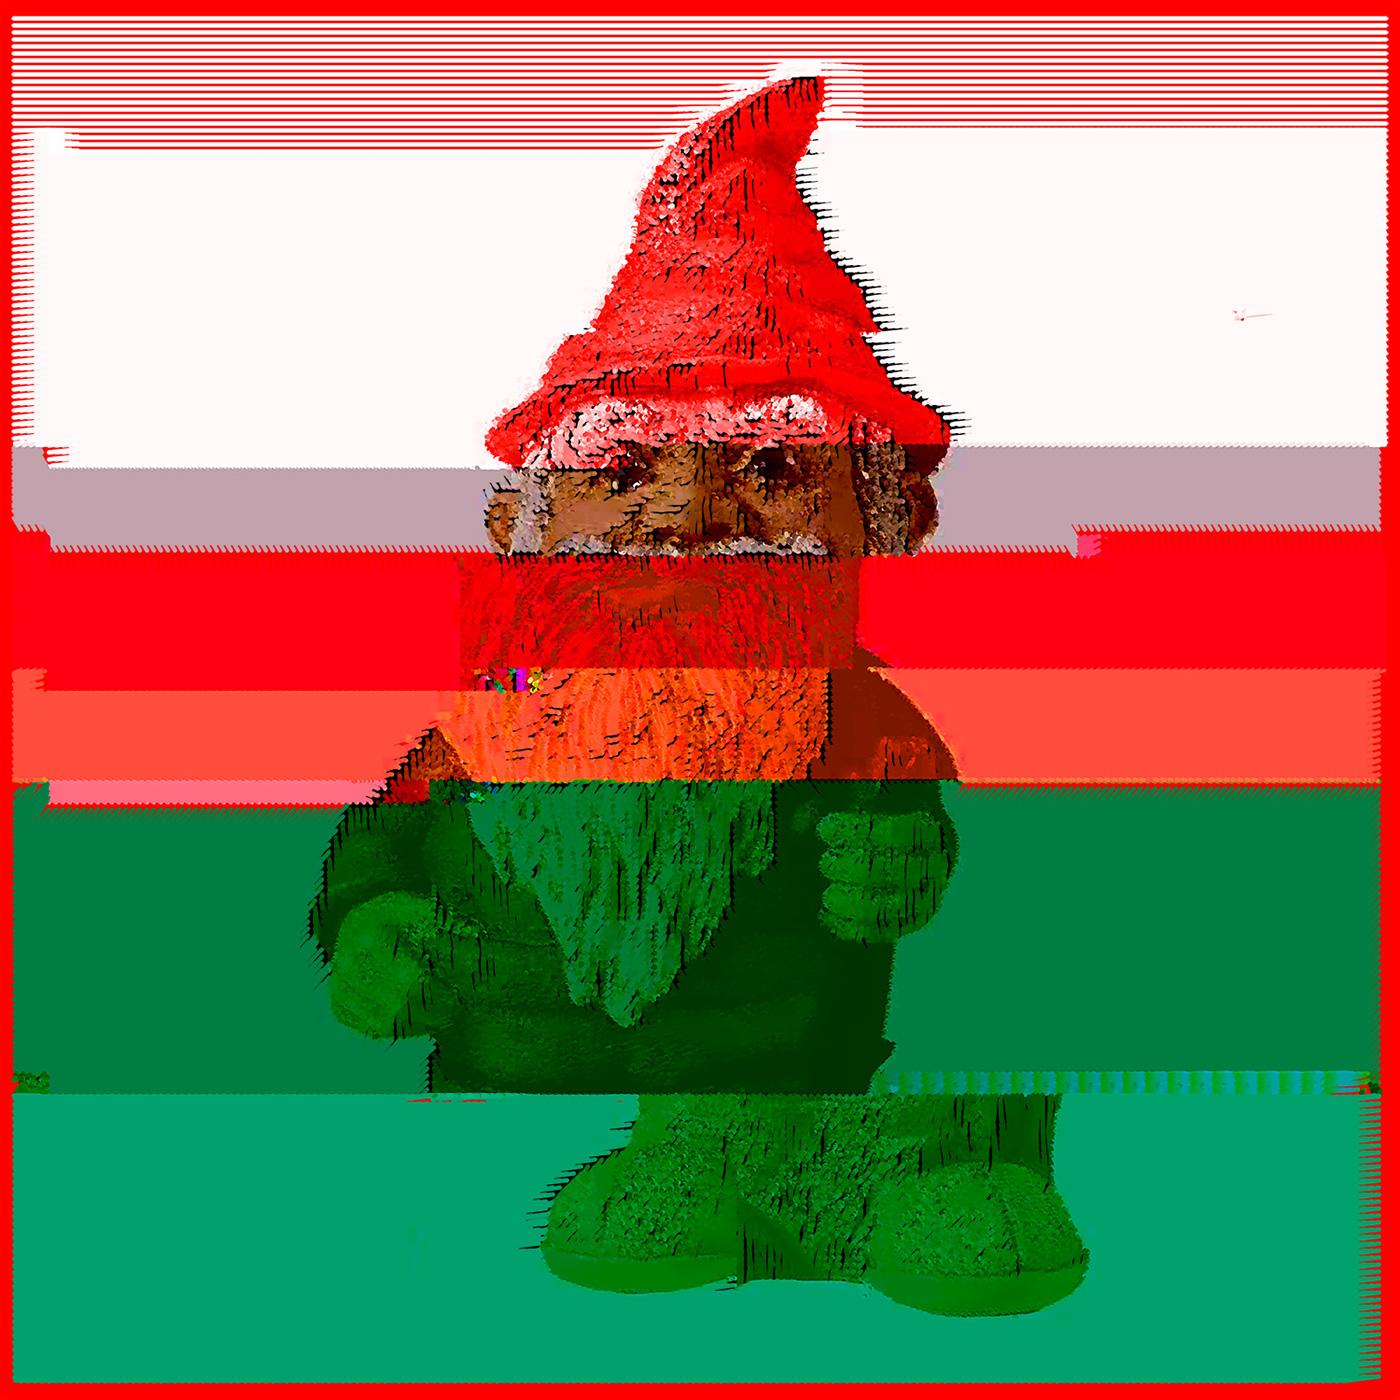 gnome red green Glitch line art